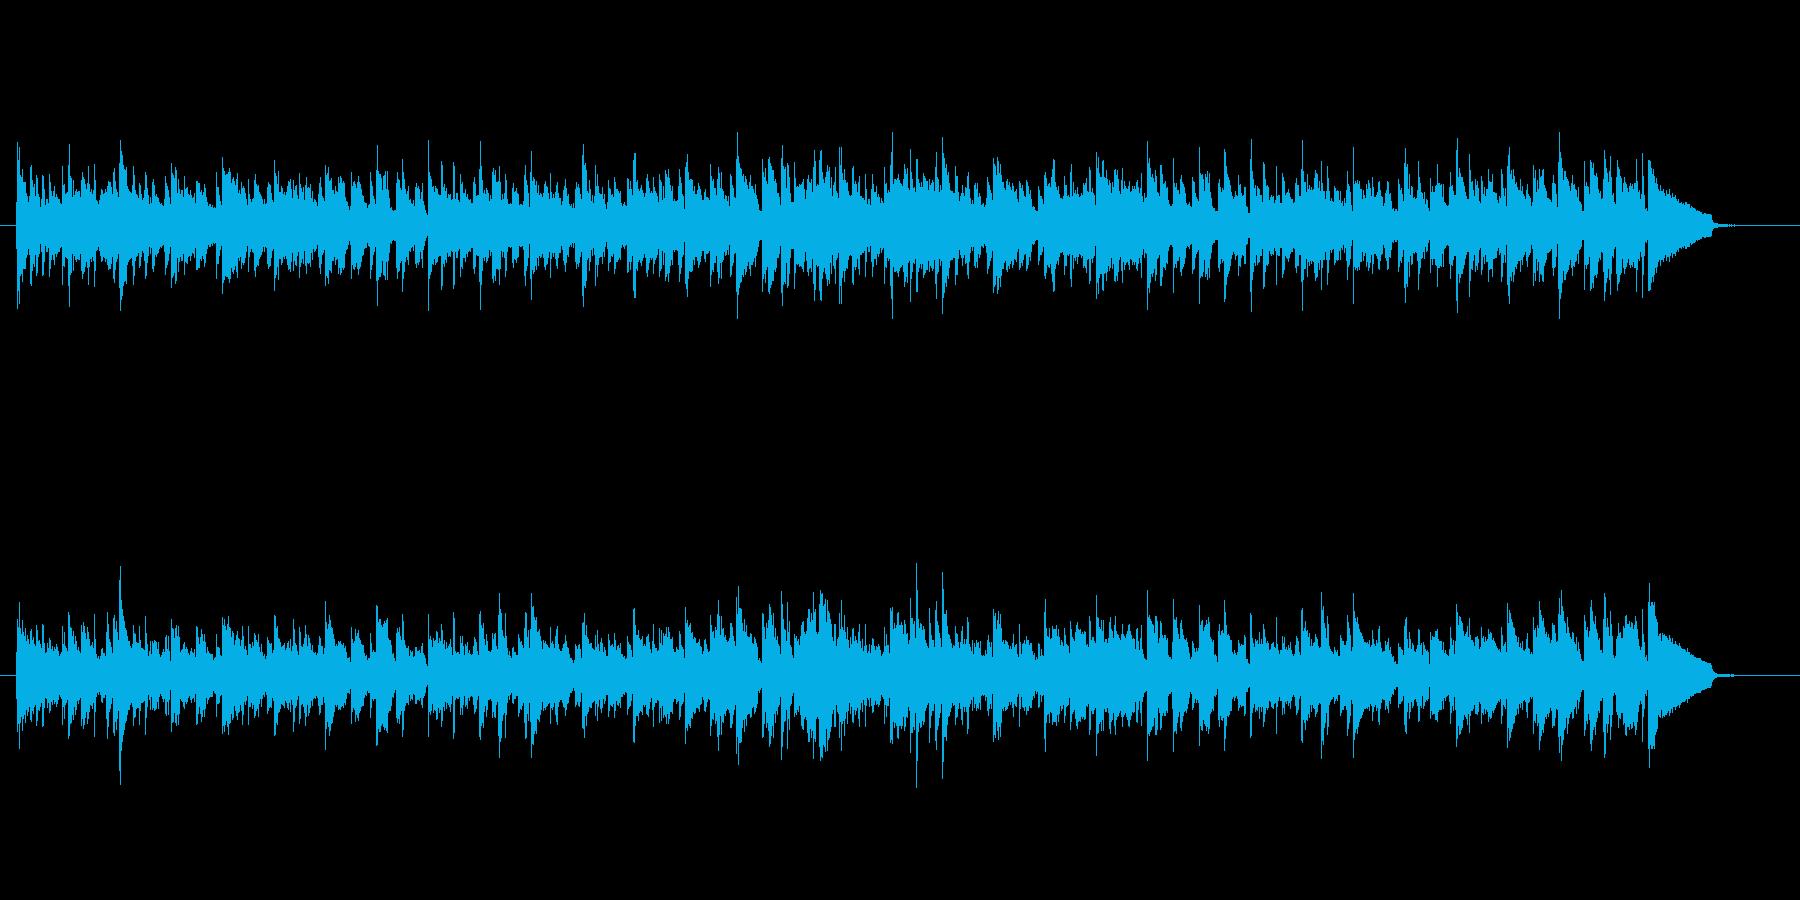 クラシック曲シチリアーノをボサノバでア…の再生済みの波形